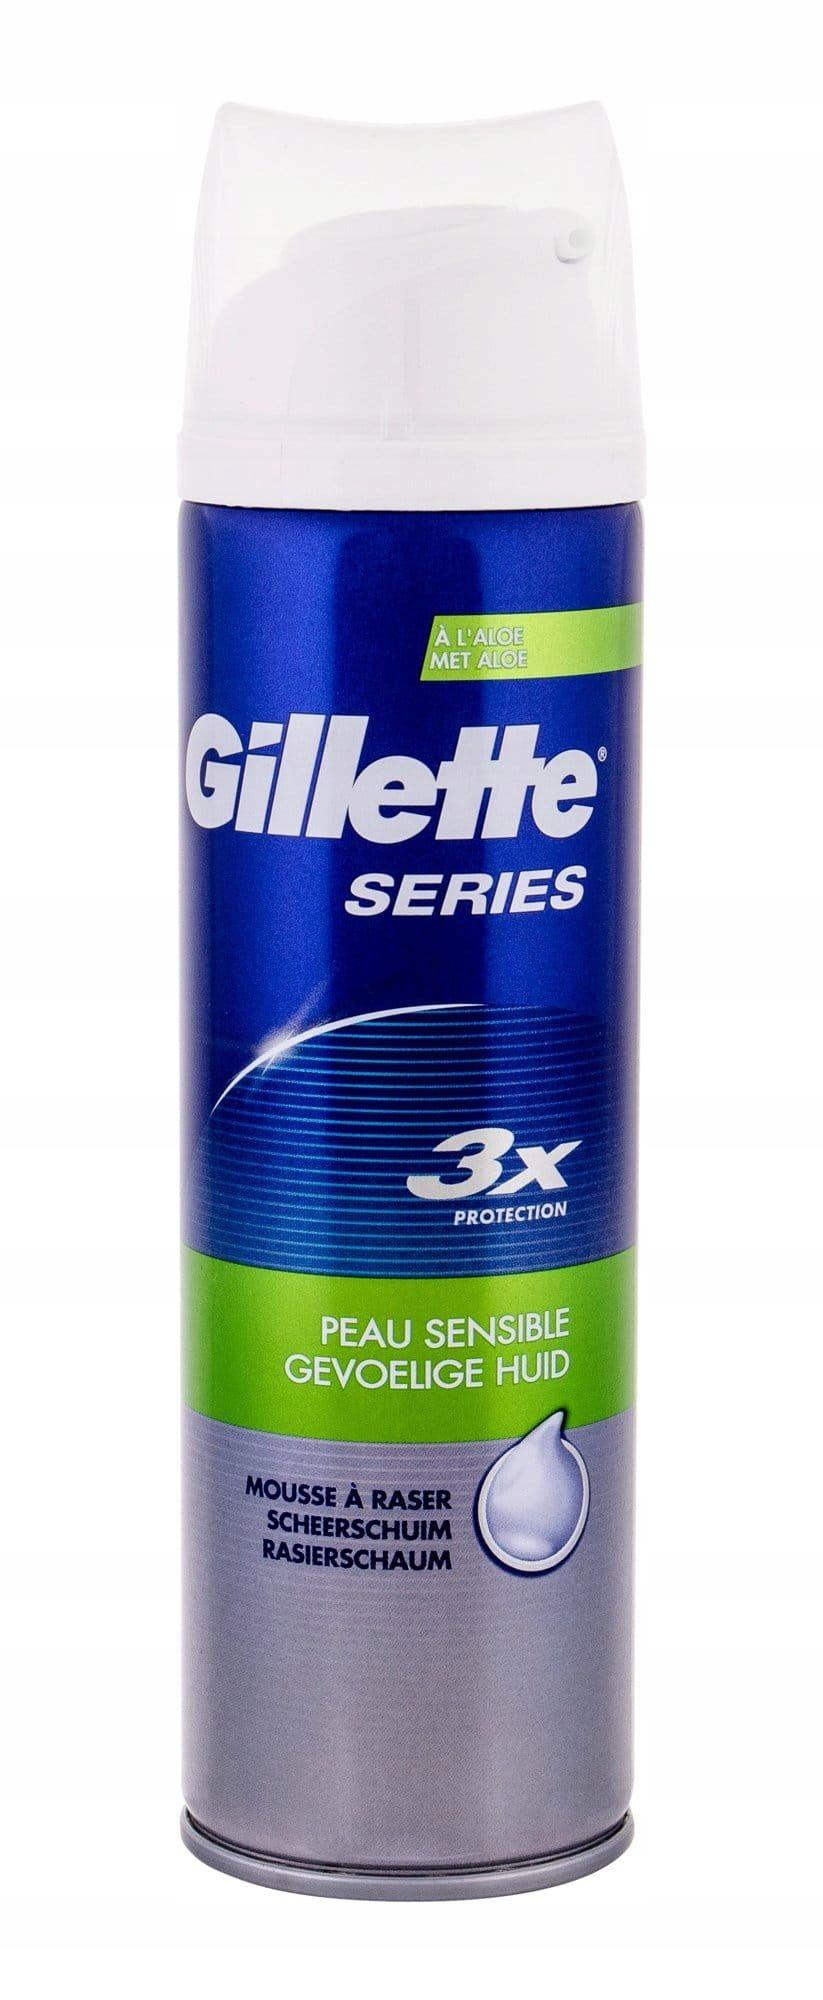 Gillette Series Sensitive Pianka do golenia 250ml